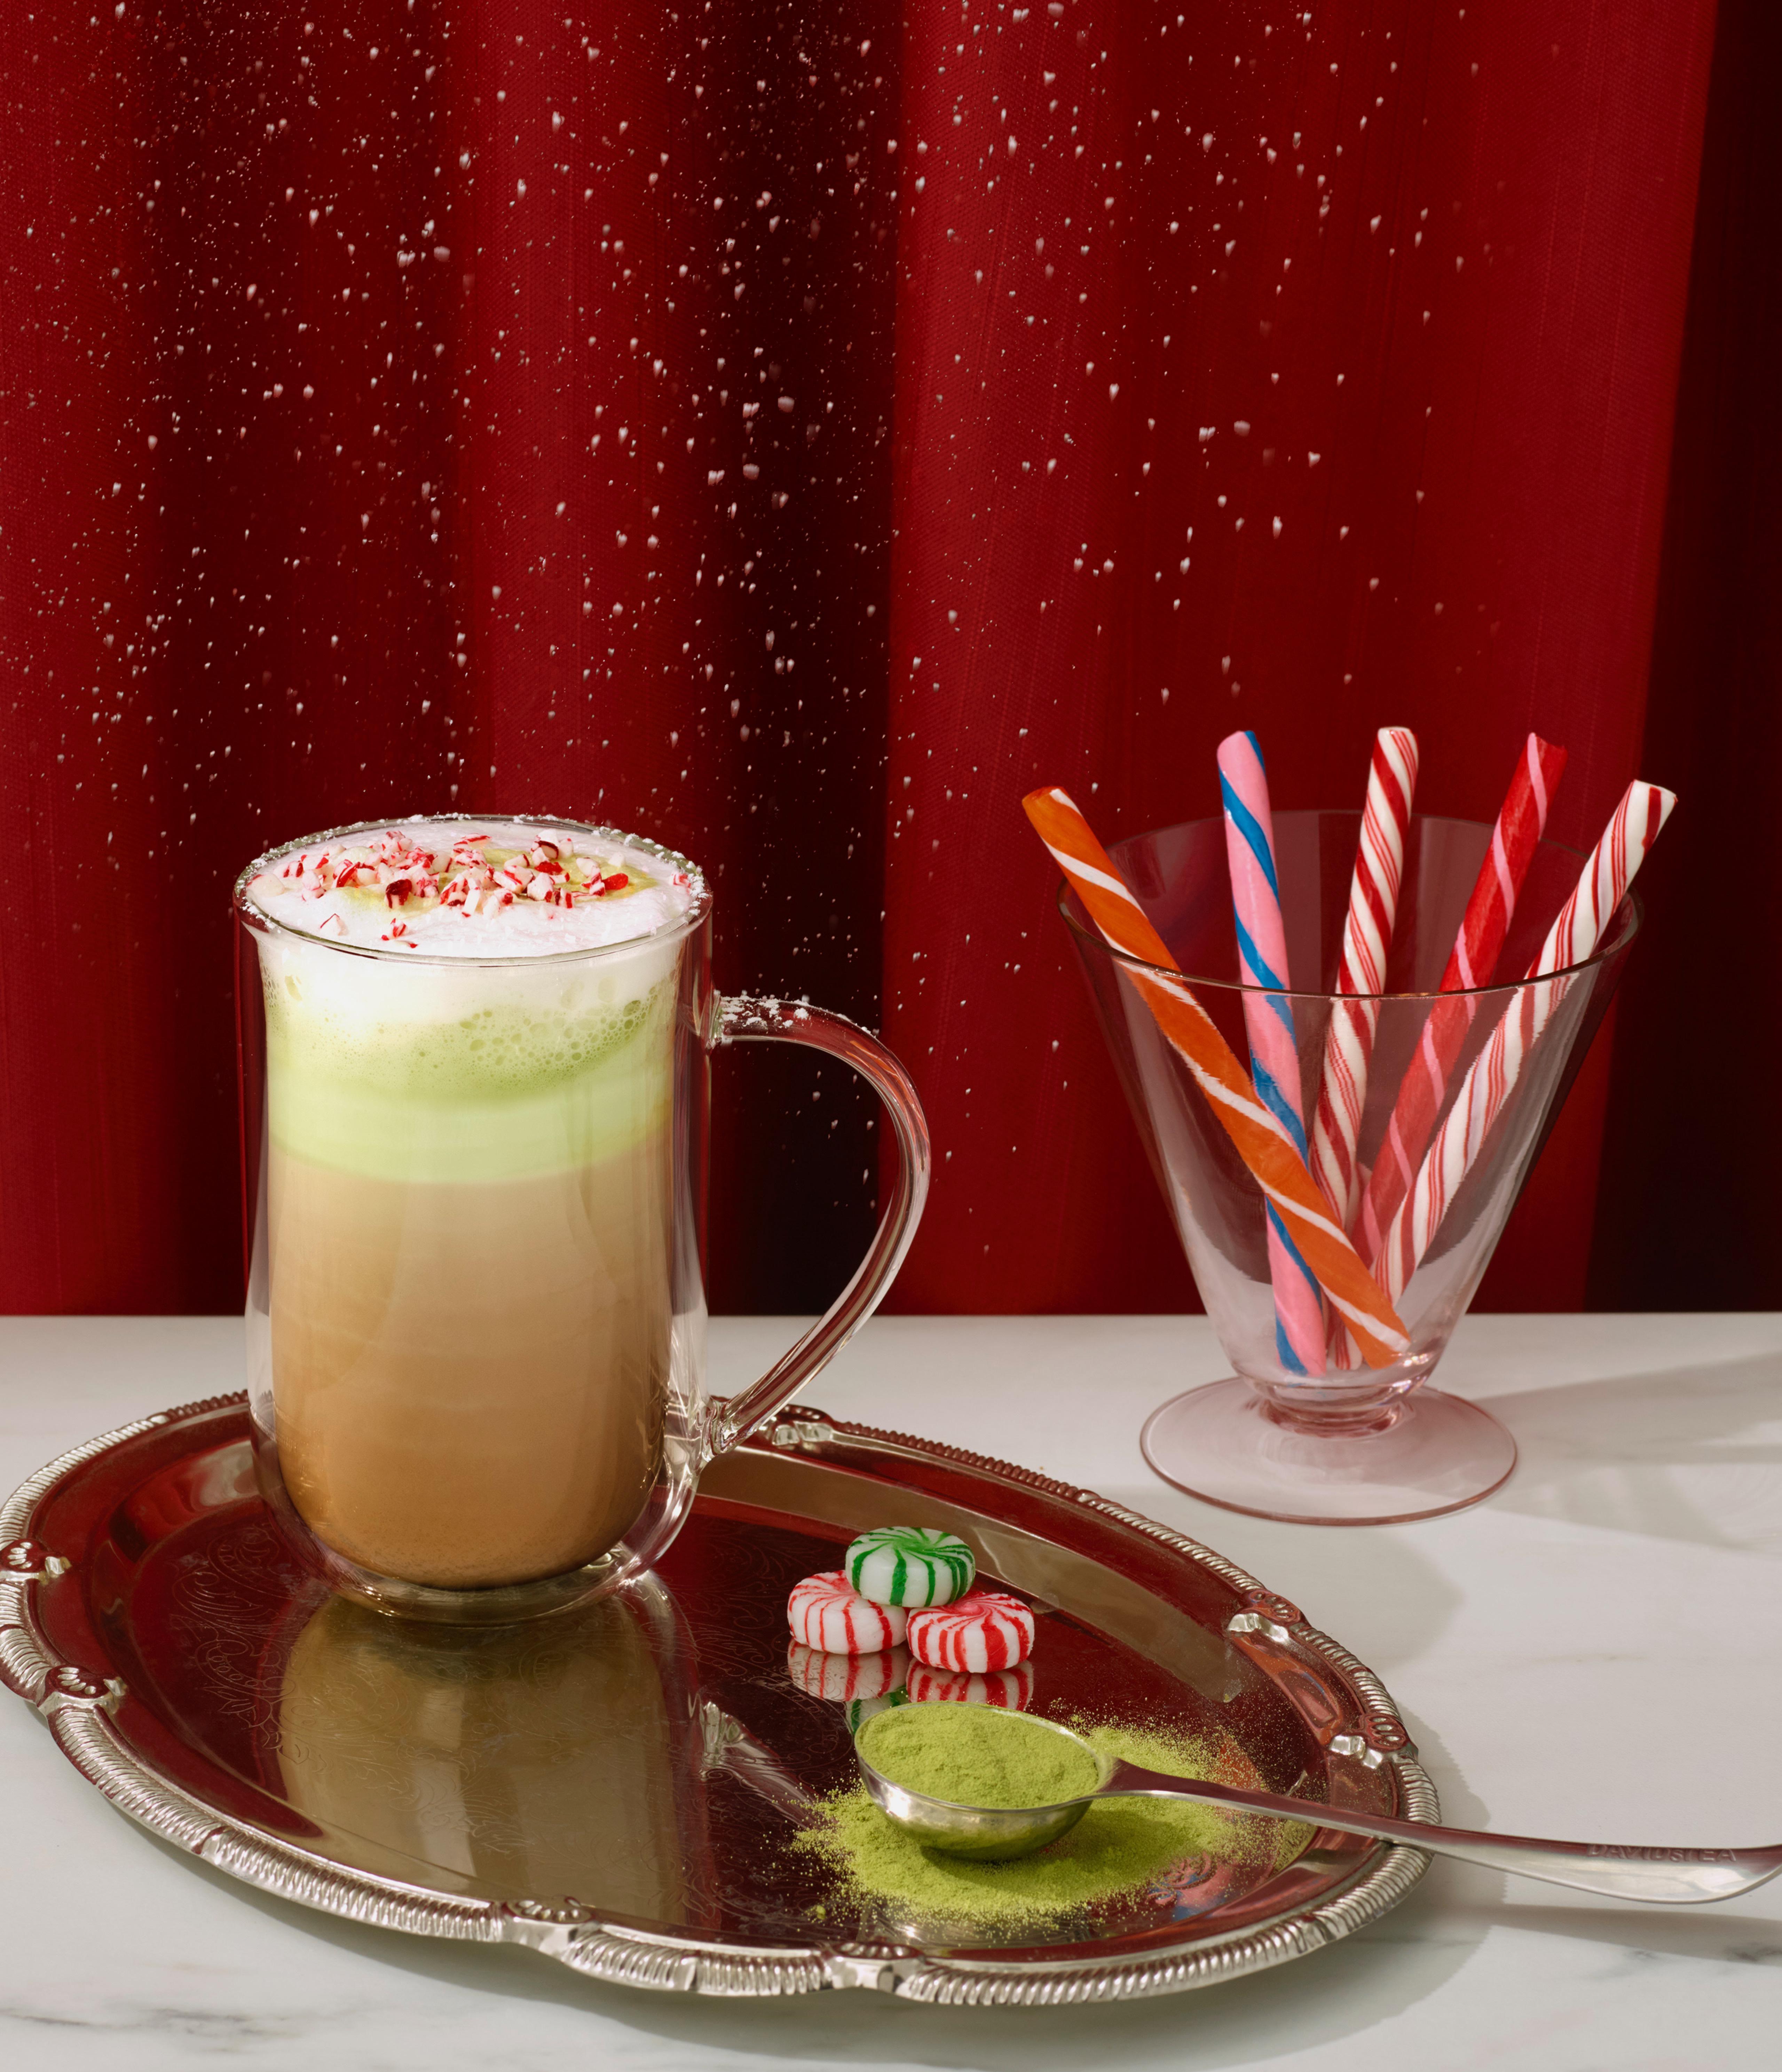 Une tasse remplie de Canne Craquante avec un shooter de matcha placée à côté d'une tasse transparente contenant 5 cannes colorés, trois bonbons et une Cuillère Parfaite.